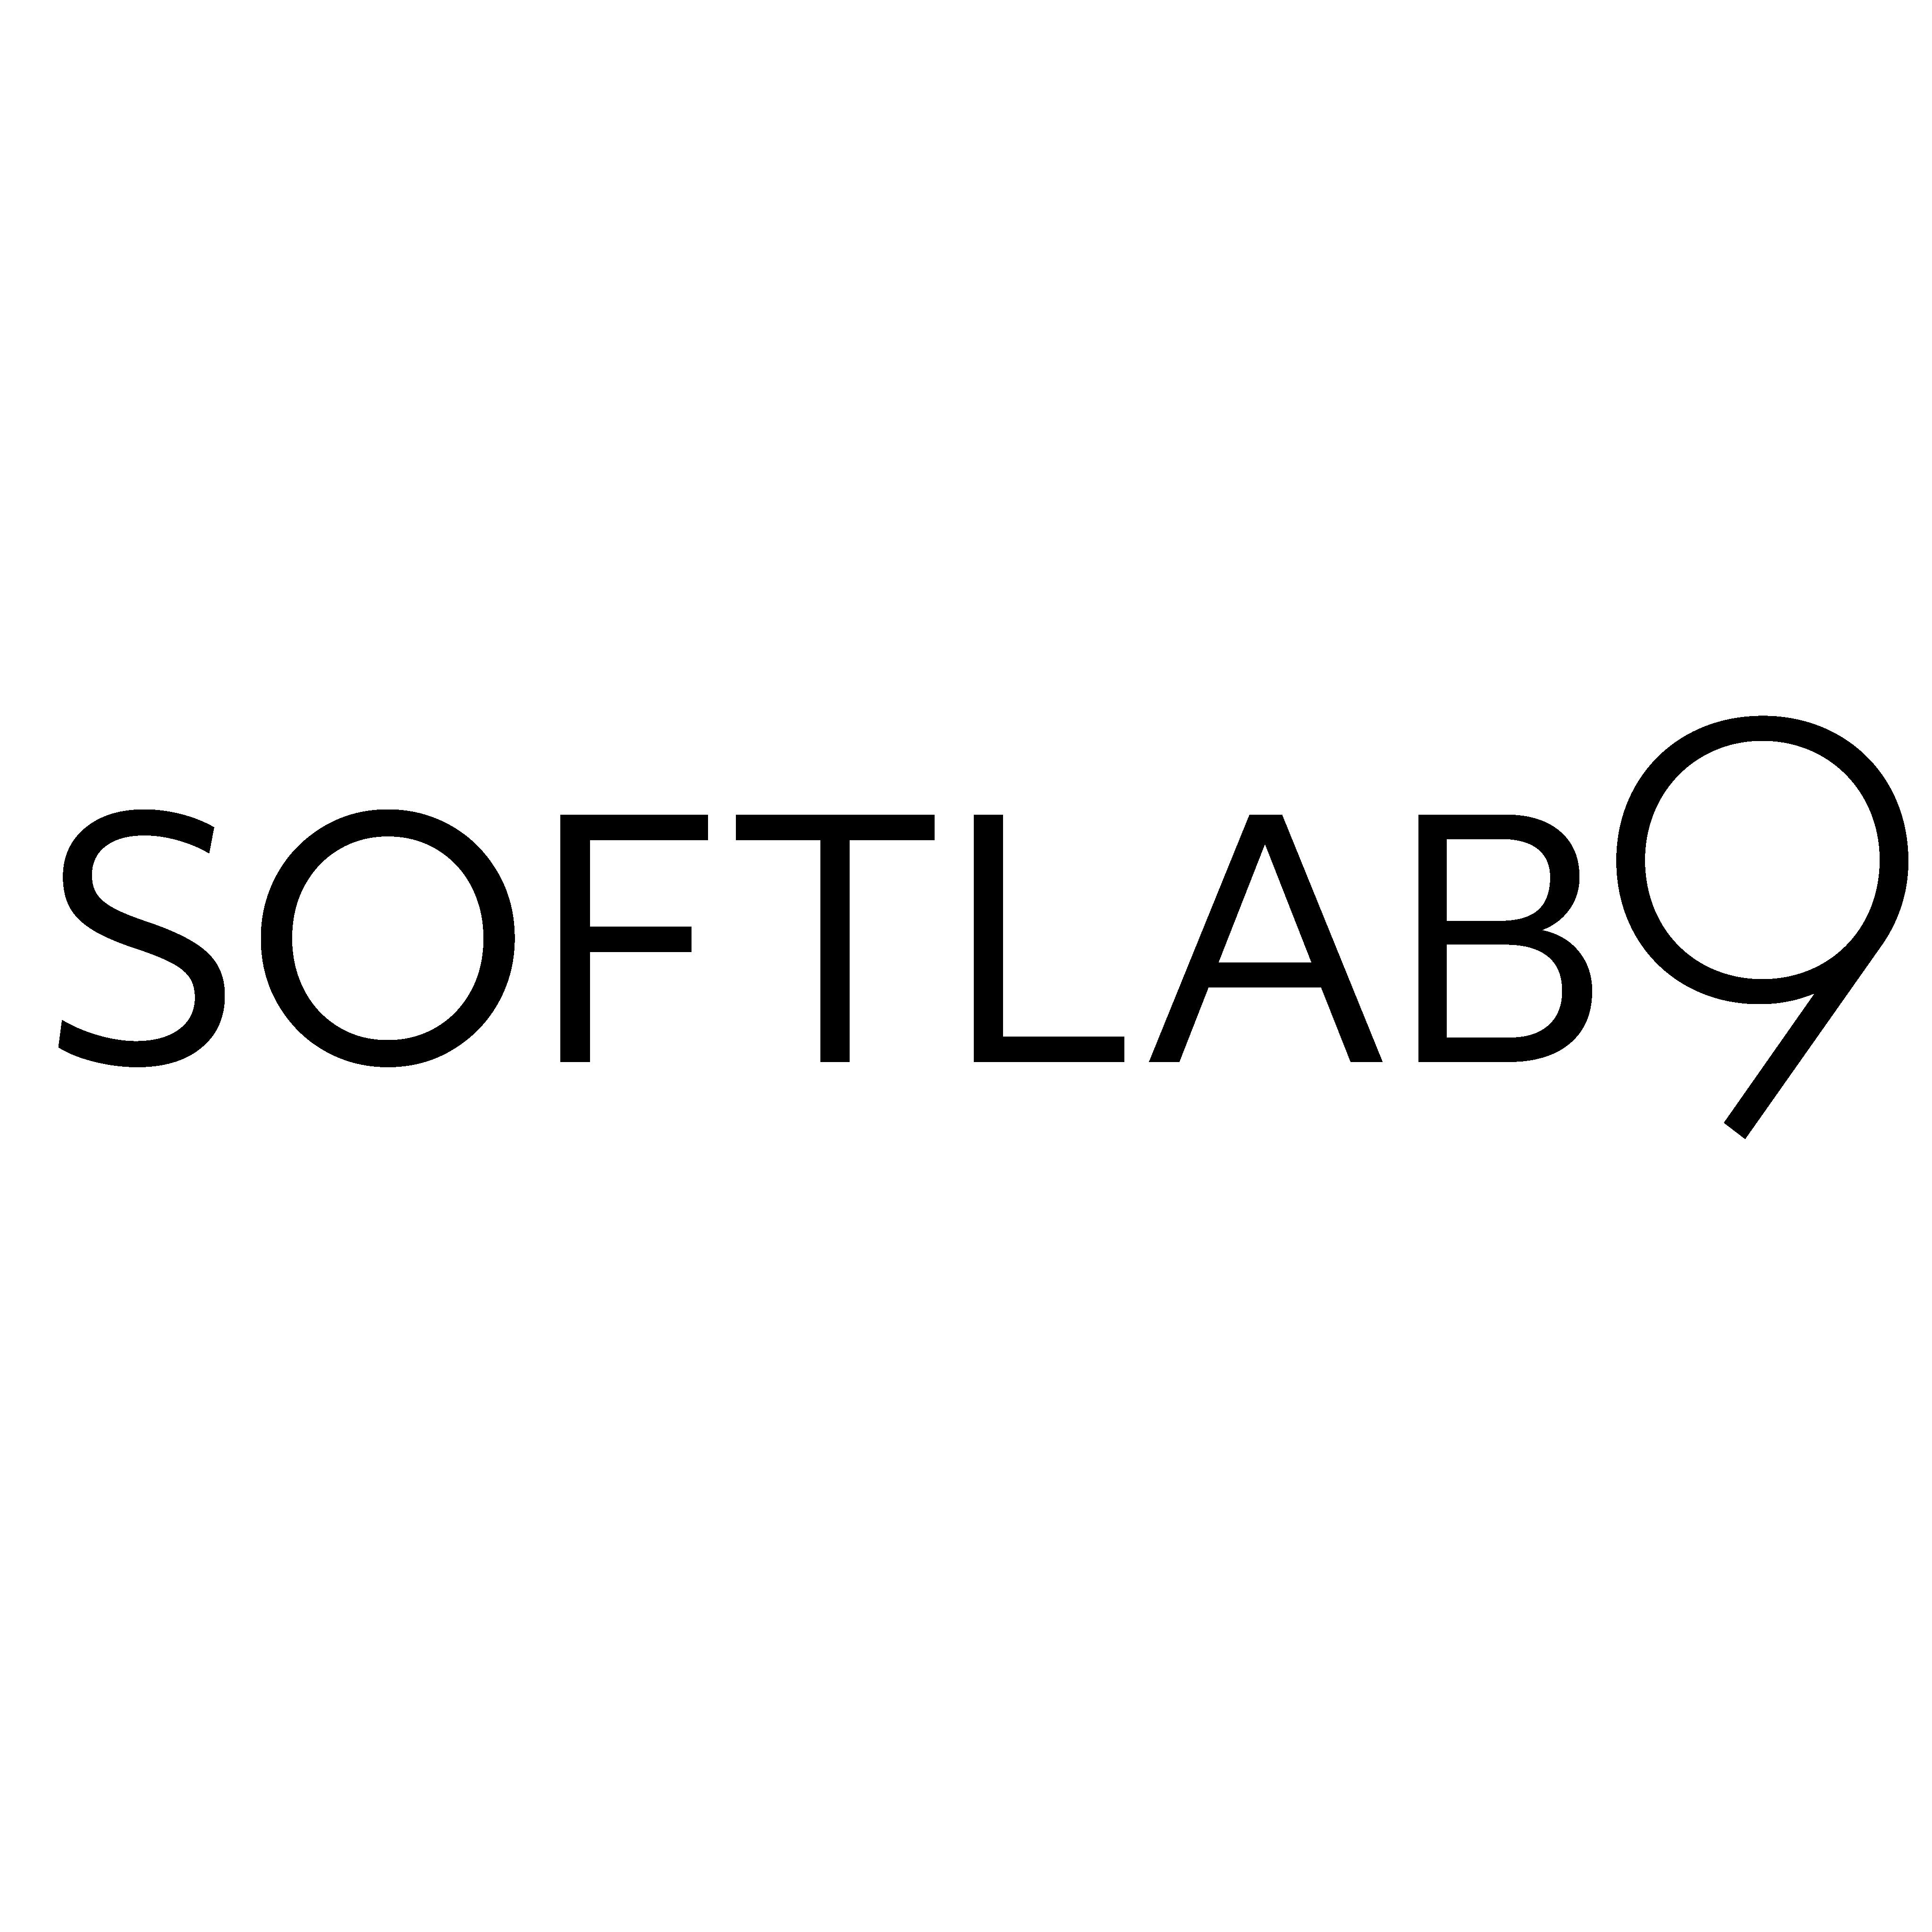 SOFTLAB9-logo